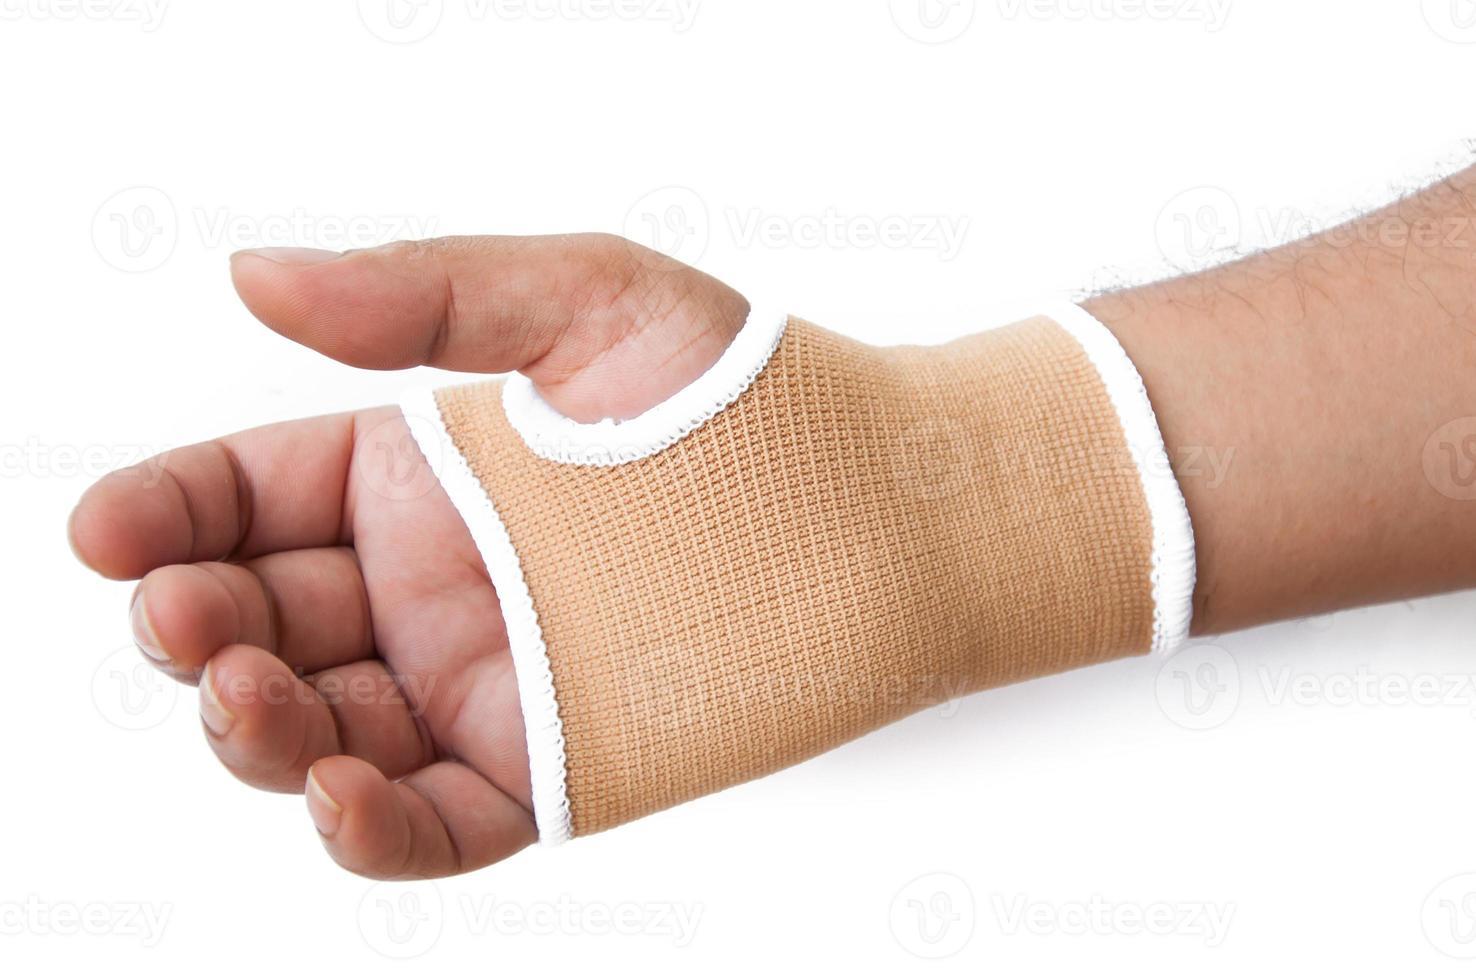 mano masculina gesticulando con soporte de muñeca de neopreno sobre blanco foto